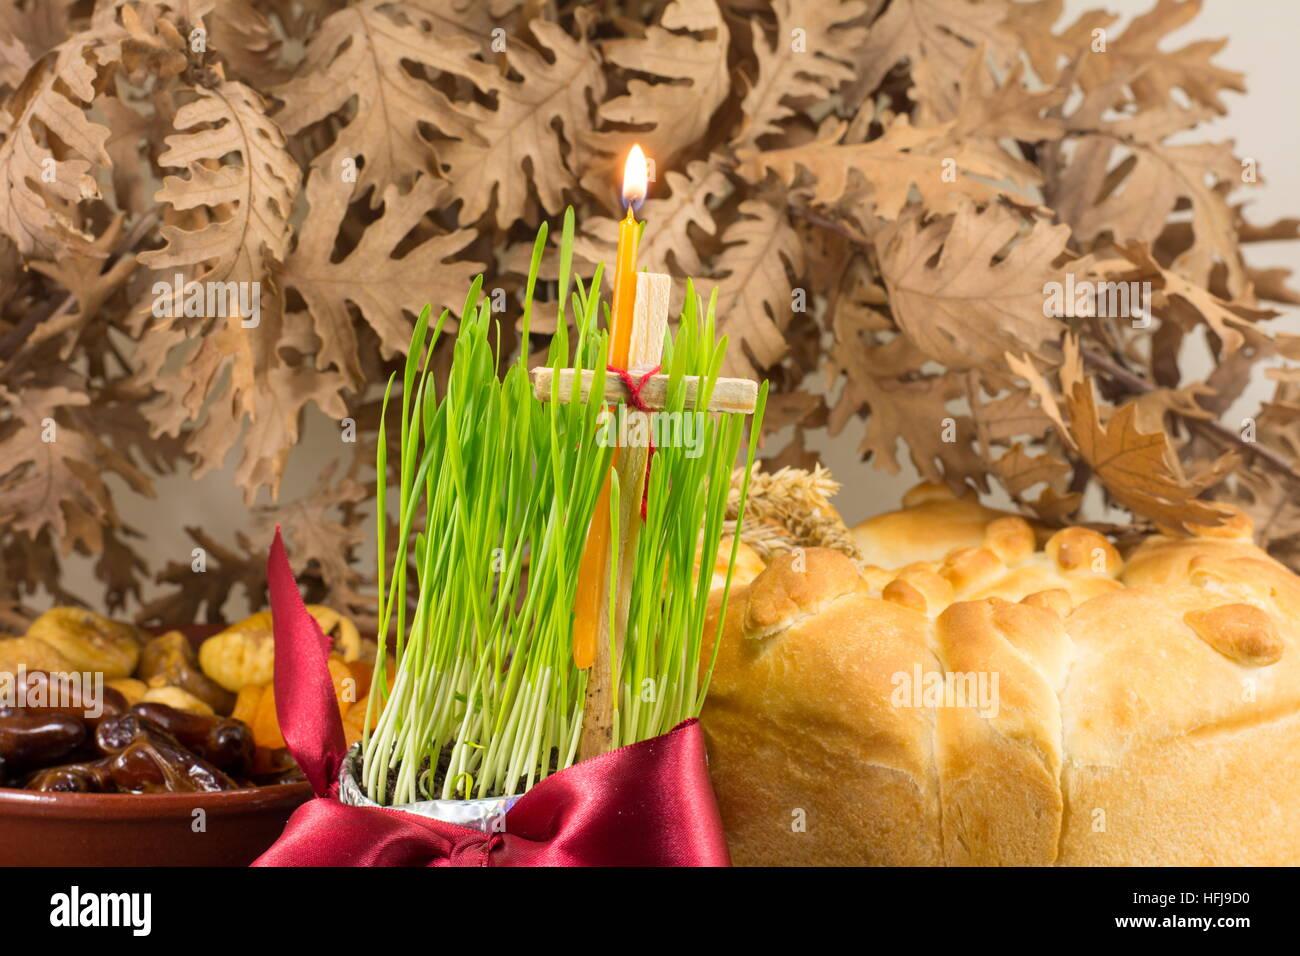 Orthodoxe Weihnachten.Orthodoxe Weihnachten Angebote Mit Wachsenden Grunen Weizen